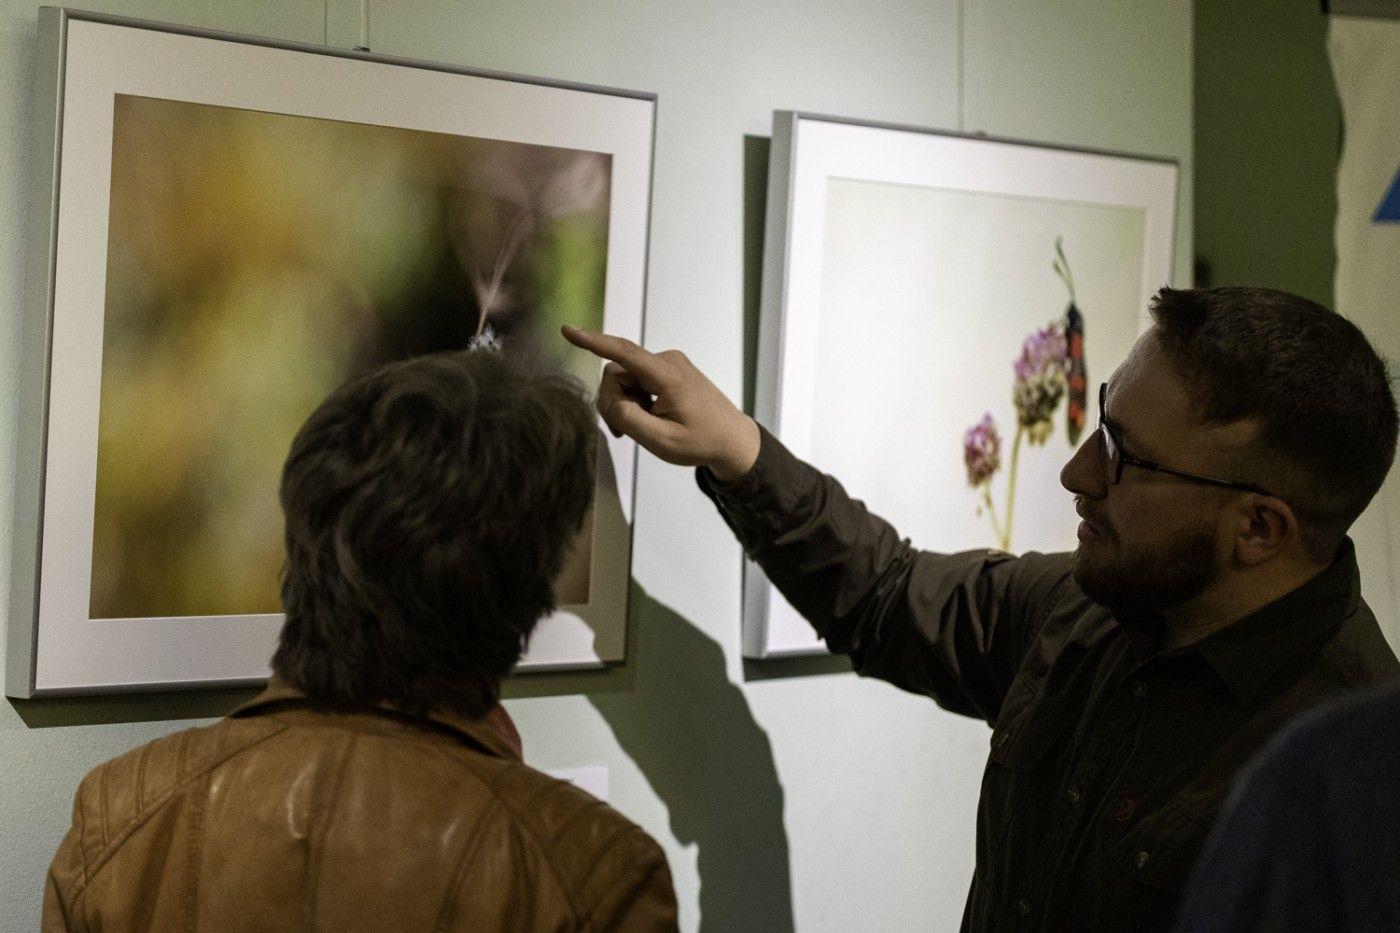 Christian-Mütterthies-11: Ausstellung